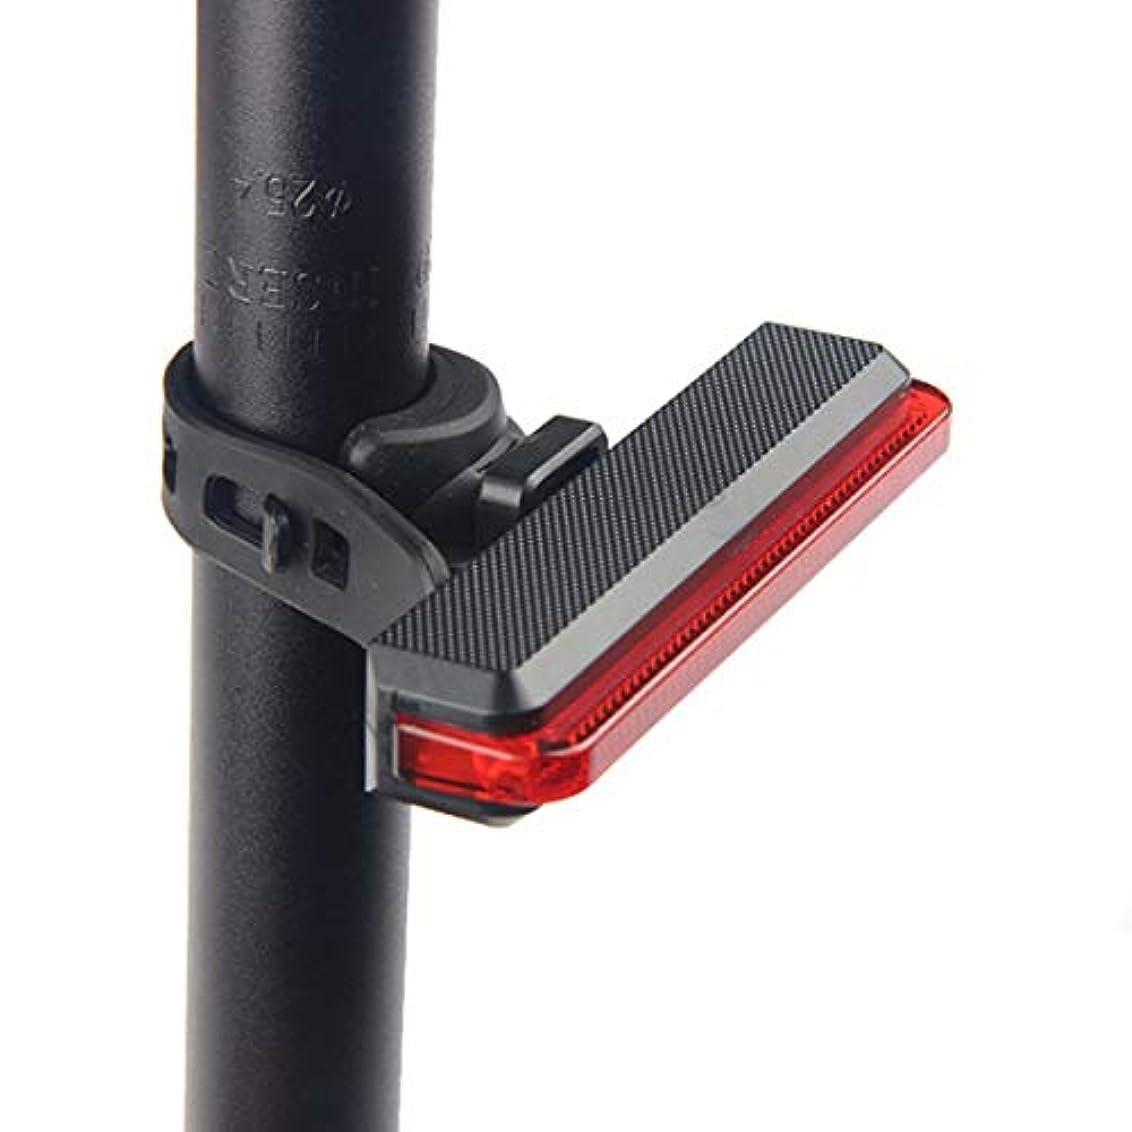 細分化する苦味闇CAFUTY 自転車の灯台マウンテンバイクロングストリップの安全警告灯屋外バックパックライト (Color : レッド)